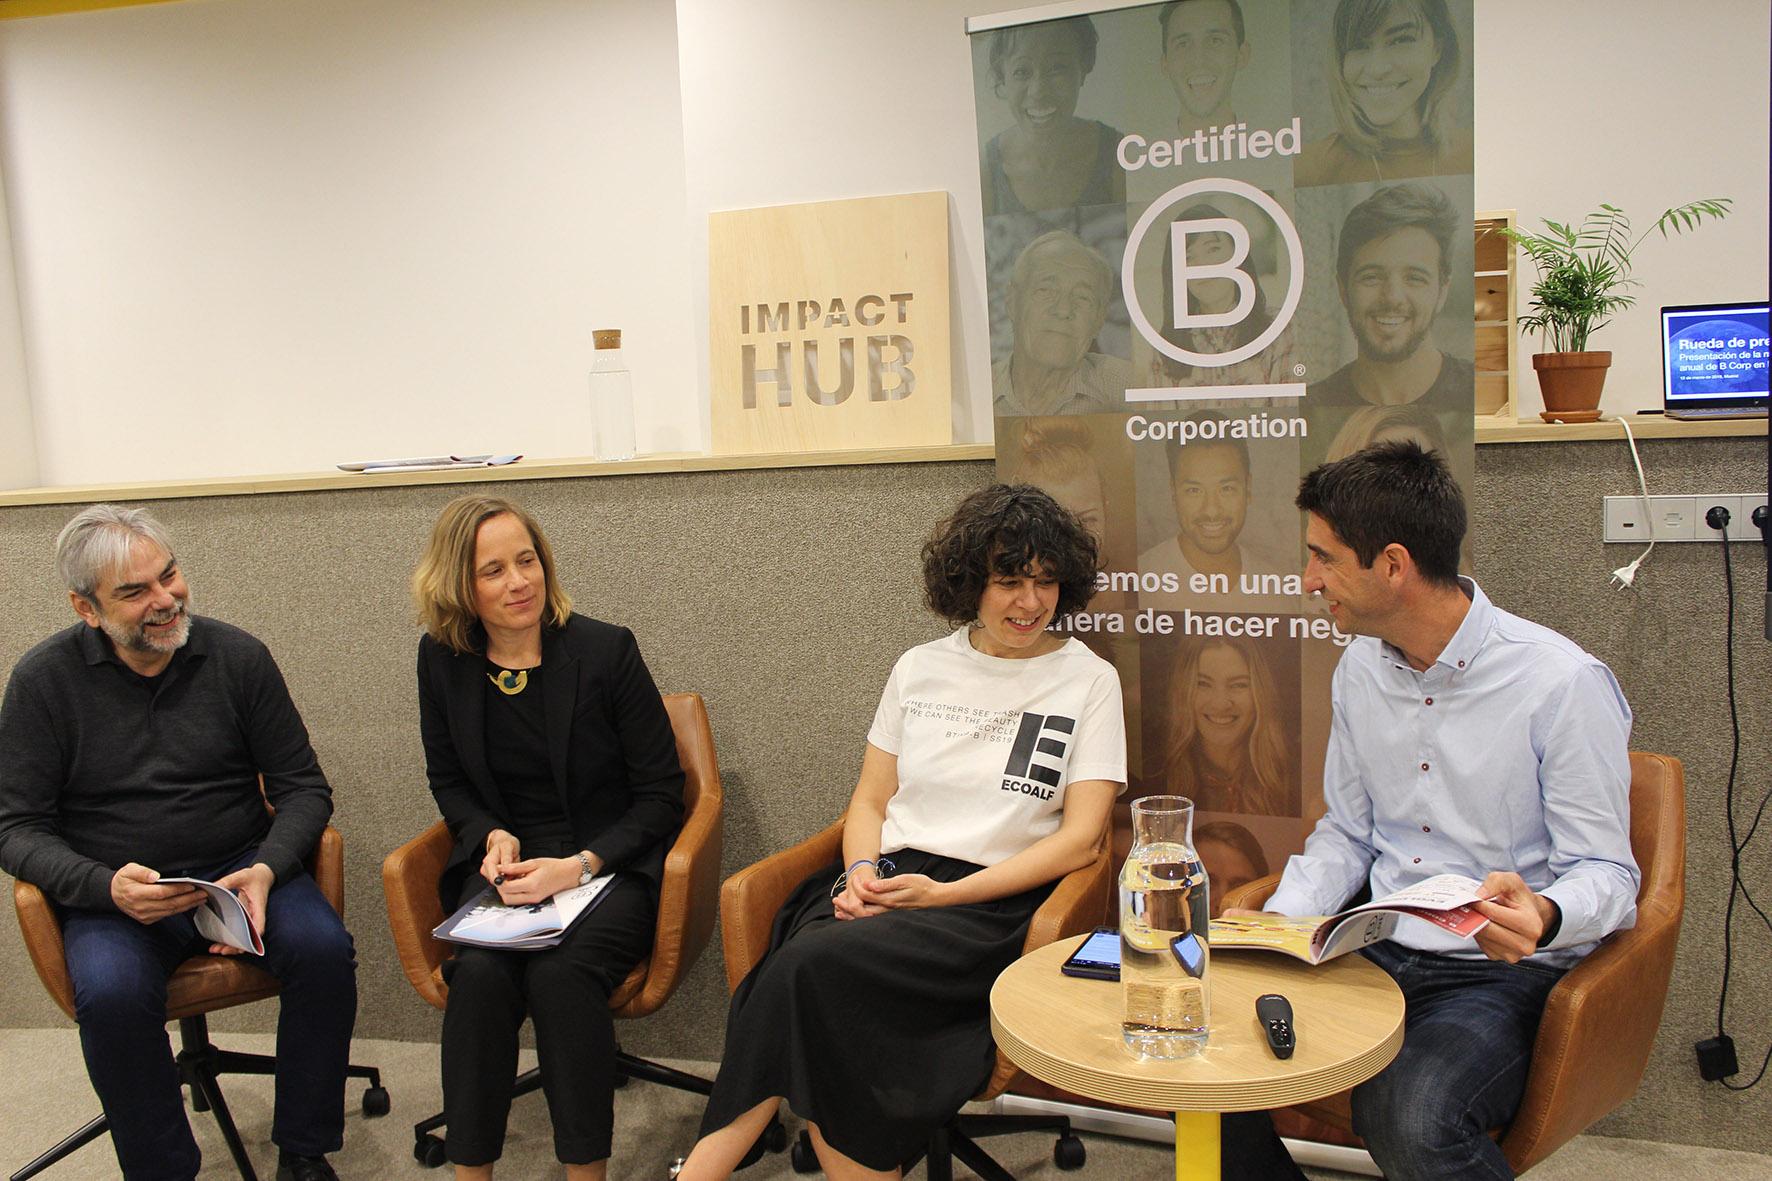 De izquierda a derecha: Antonio González, Sandra Castañeda, Carol Blázquez y Pablo Sánchez.